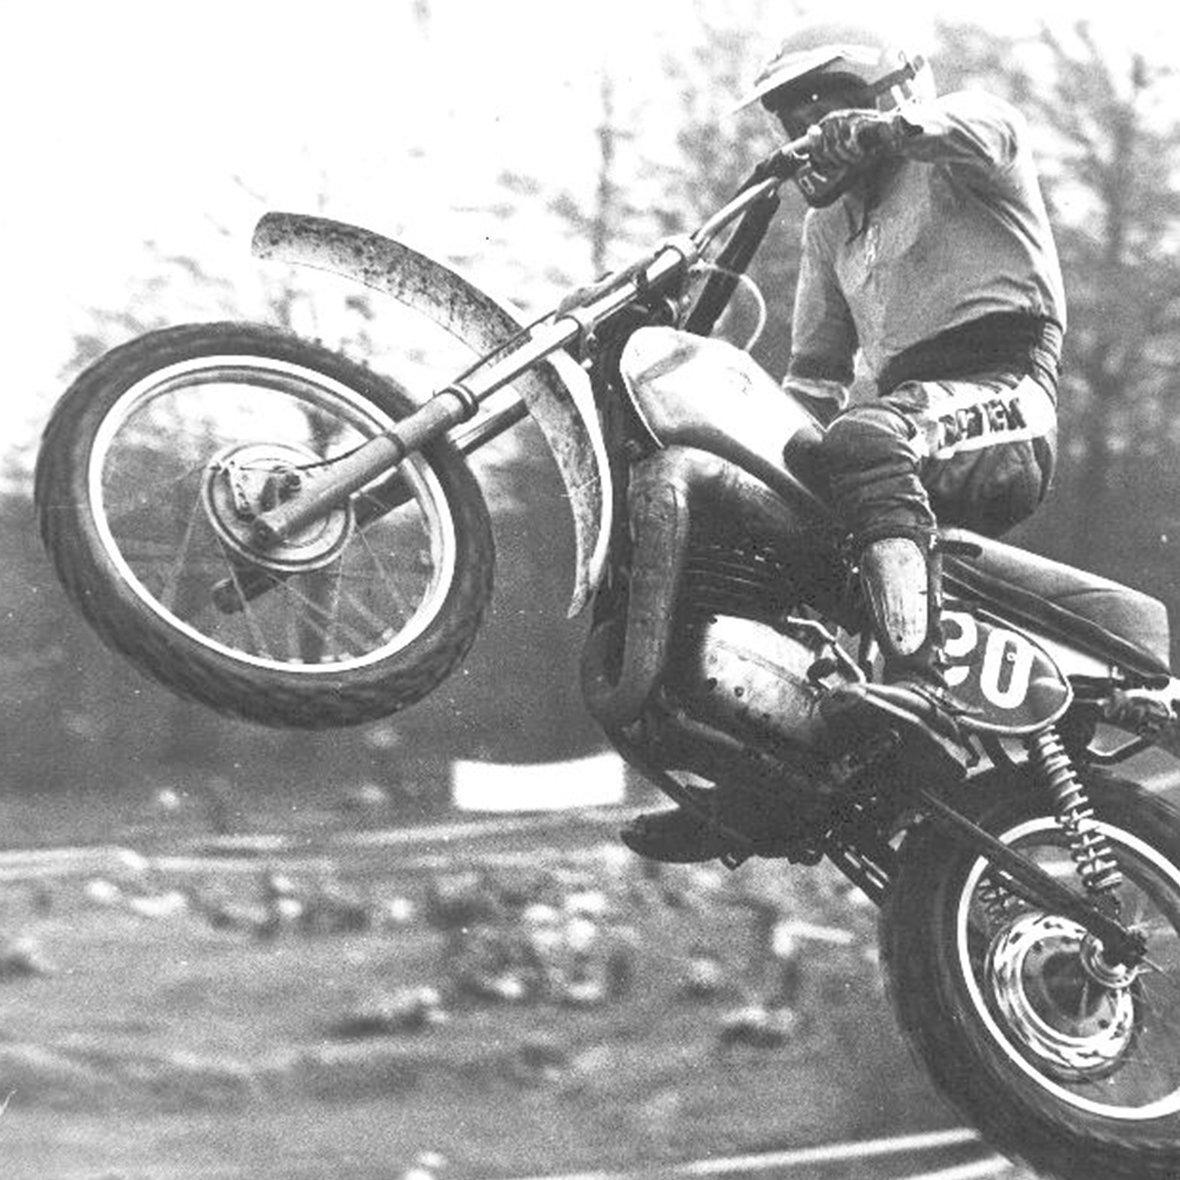 jawa racing bike